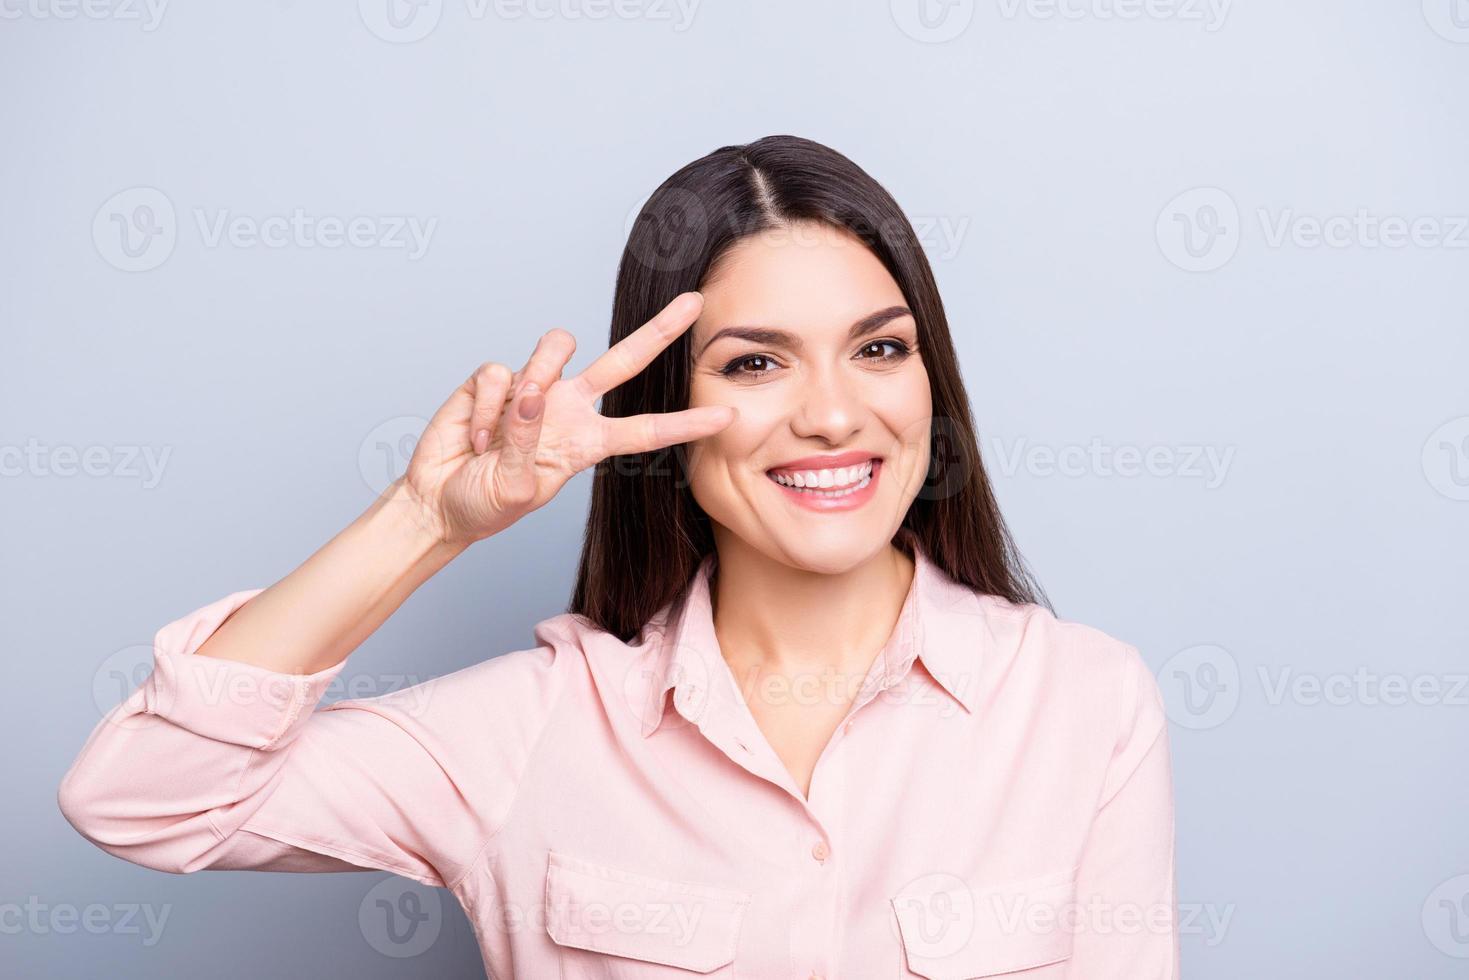 Ritratto di giocosa, funky, simpatica, carina, affascinante donna di buon umore gesticolando v-sign con due dita vicino occhio guardando la telecamera isolata su sfondo grigio foto